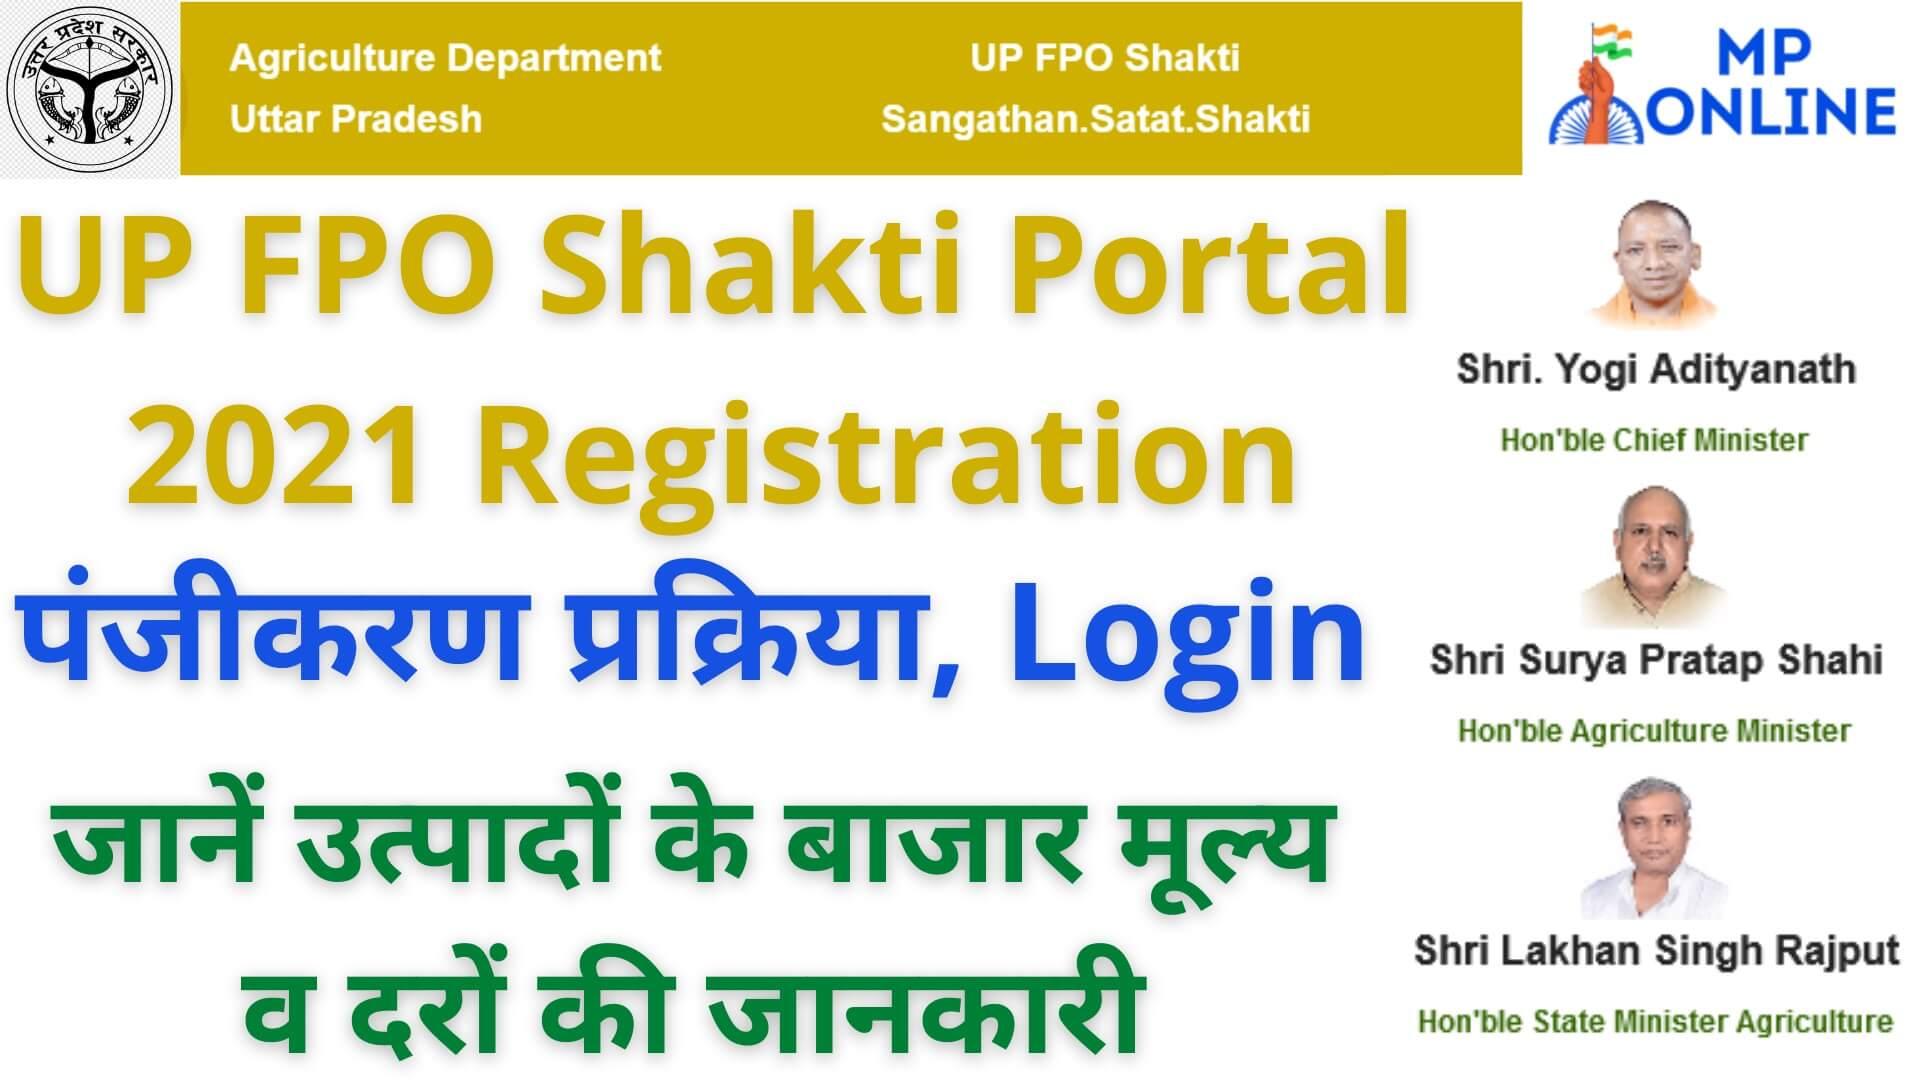 UP FPO Shakti Portal 2021